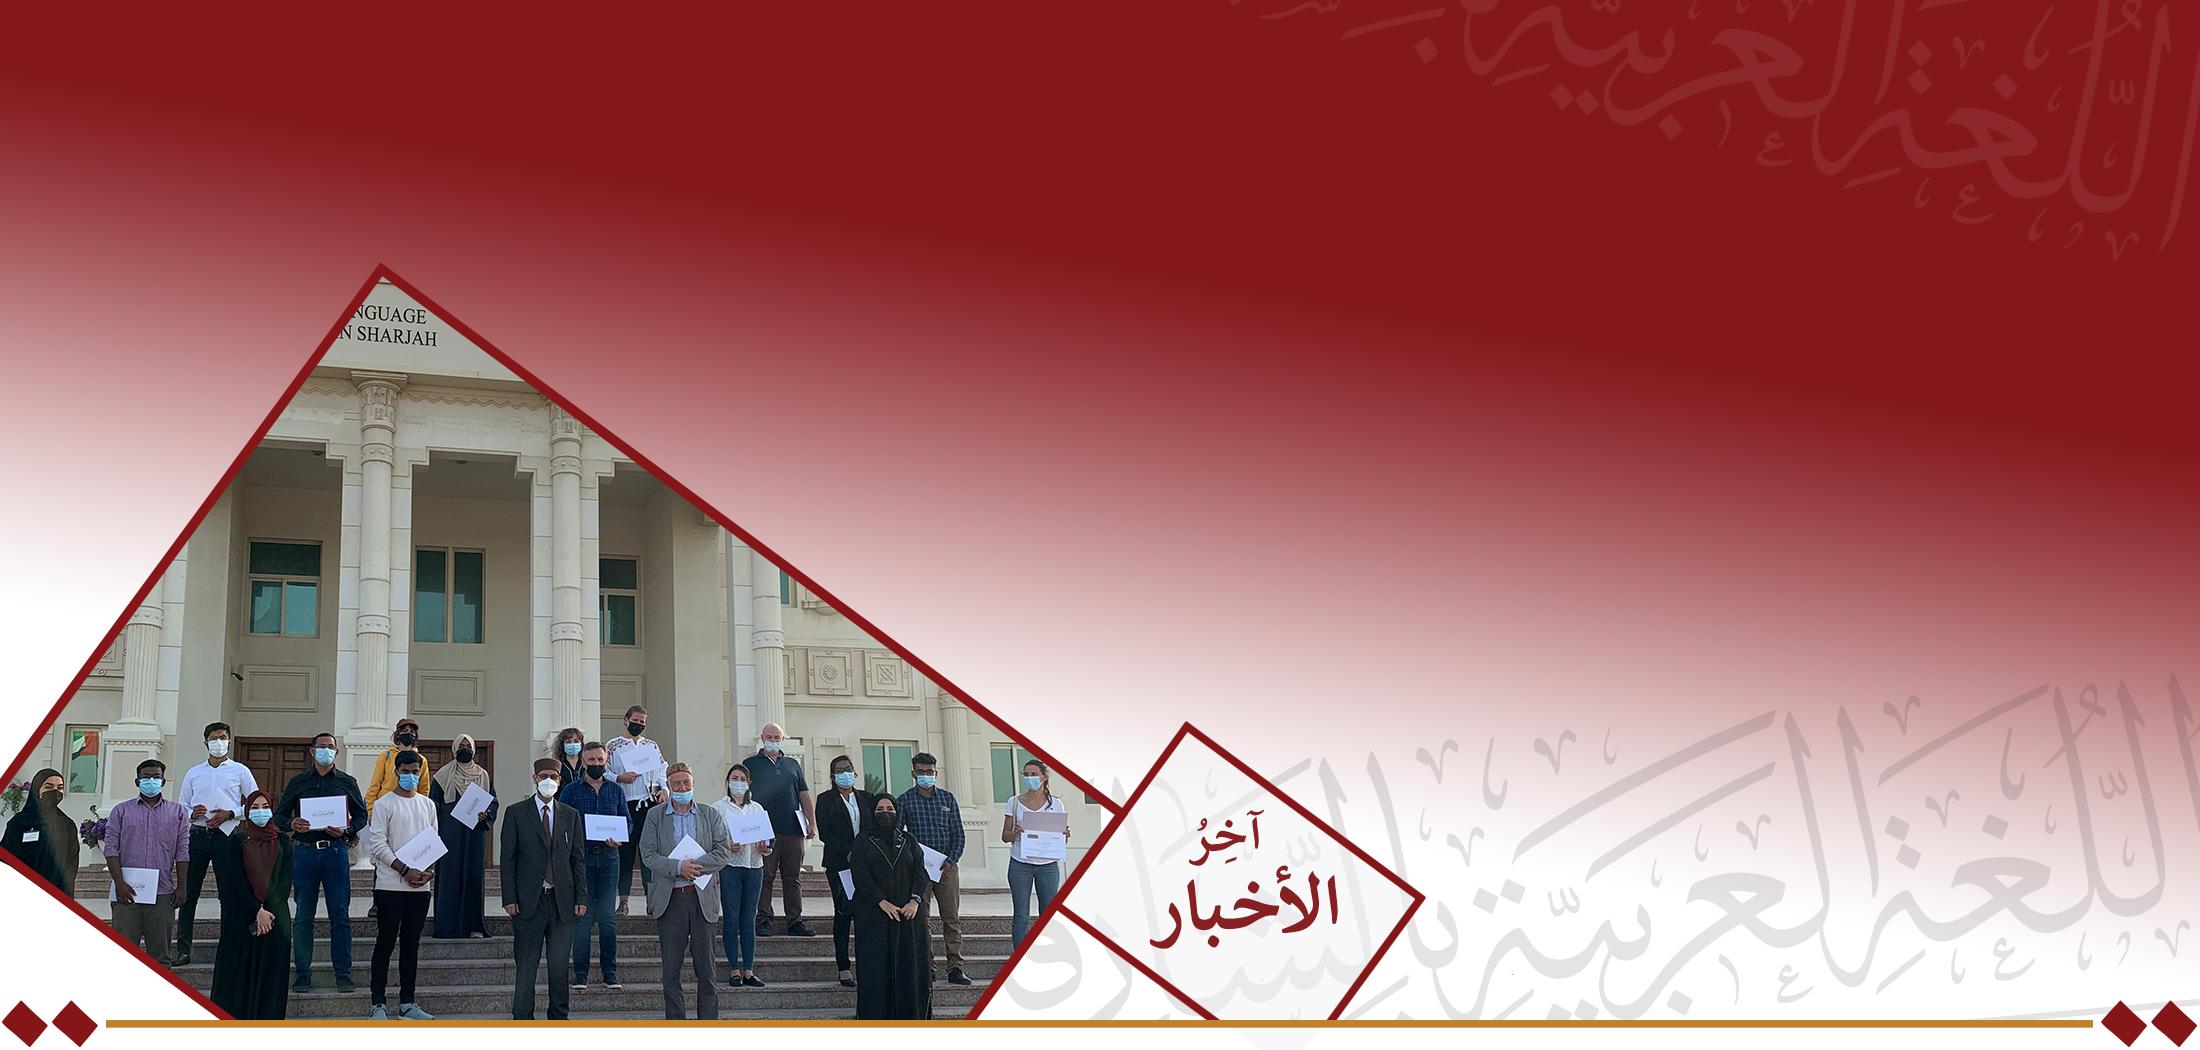 مركز اللّسان العربي يخرّج 16 منتسبًا من 8 دول – أخبار